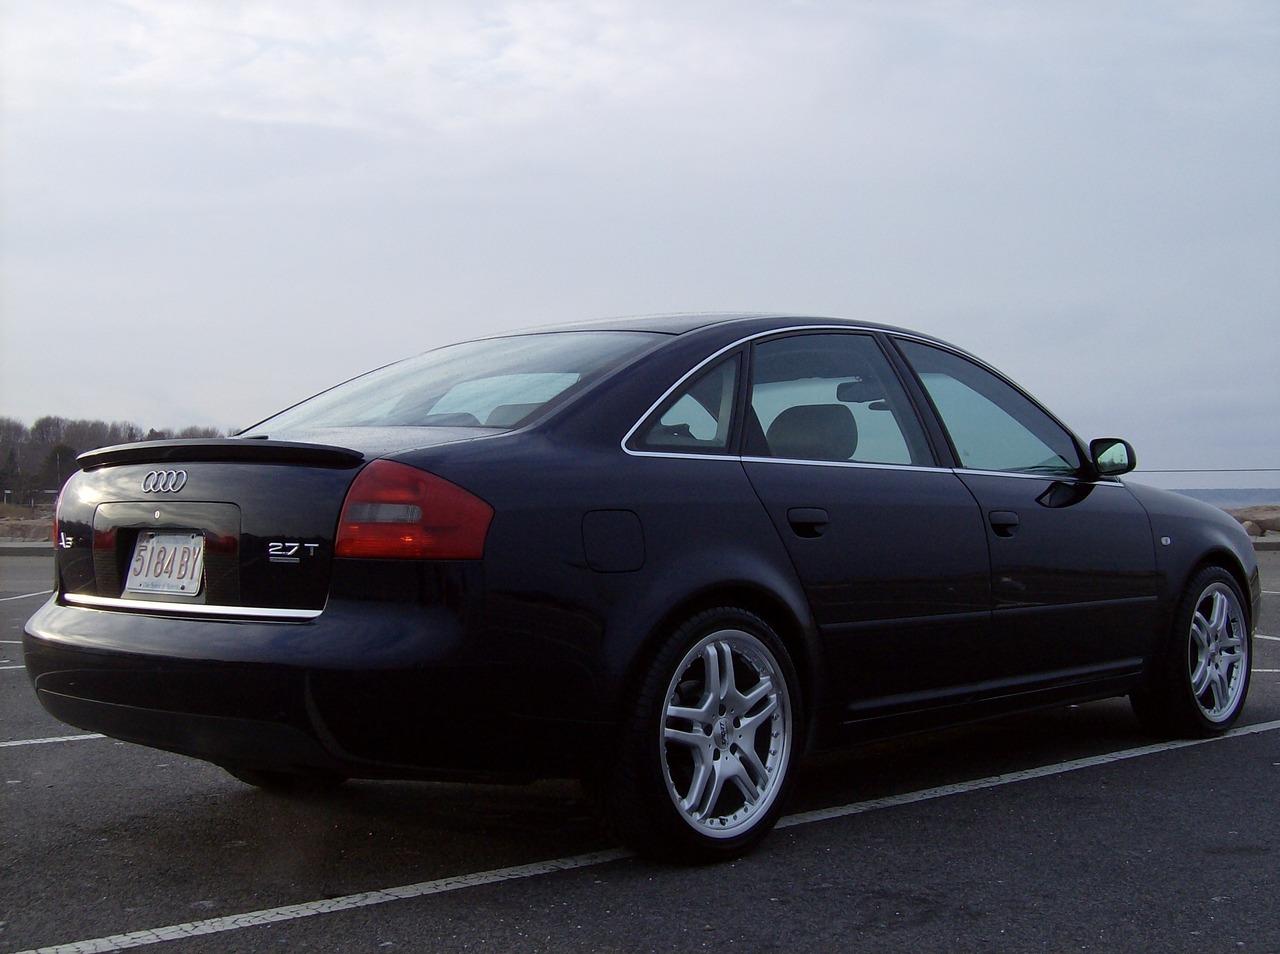 Kelebihan Kekurangan Audi A6 1.8 T Top Model Tahun Ini